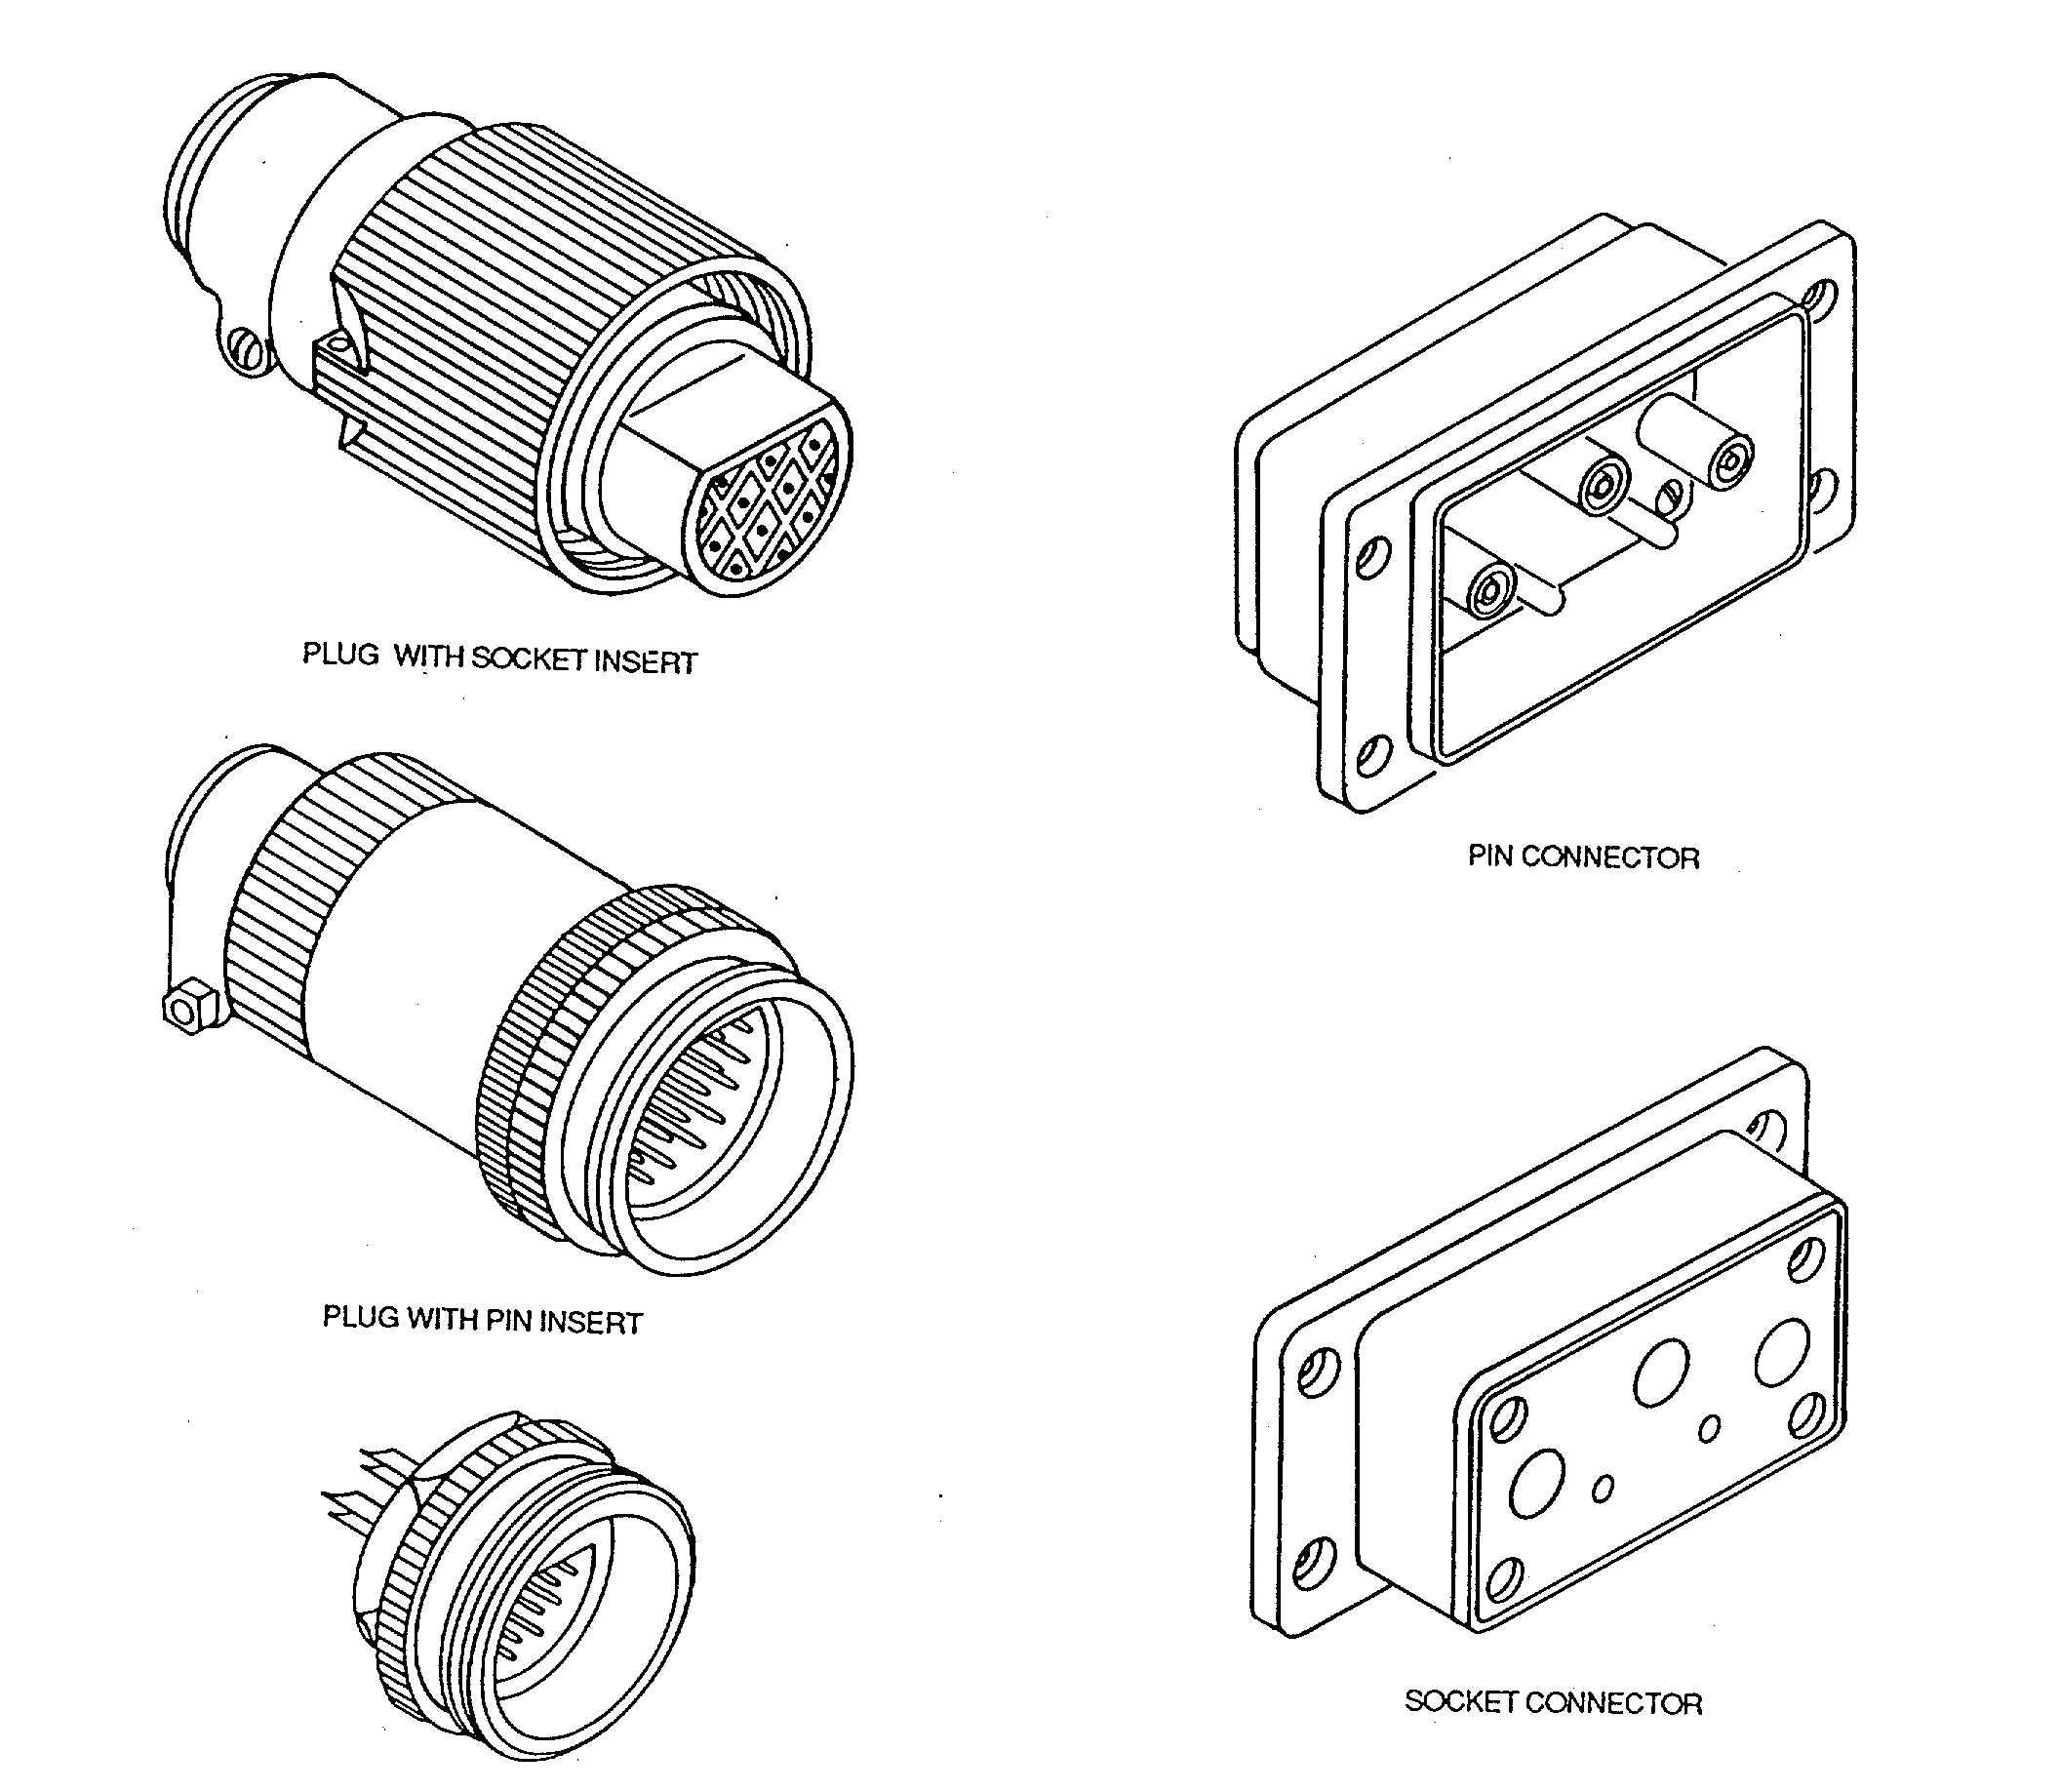 12 Pin Din Plug